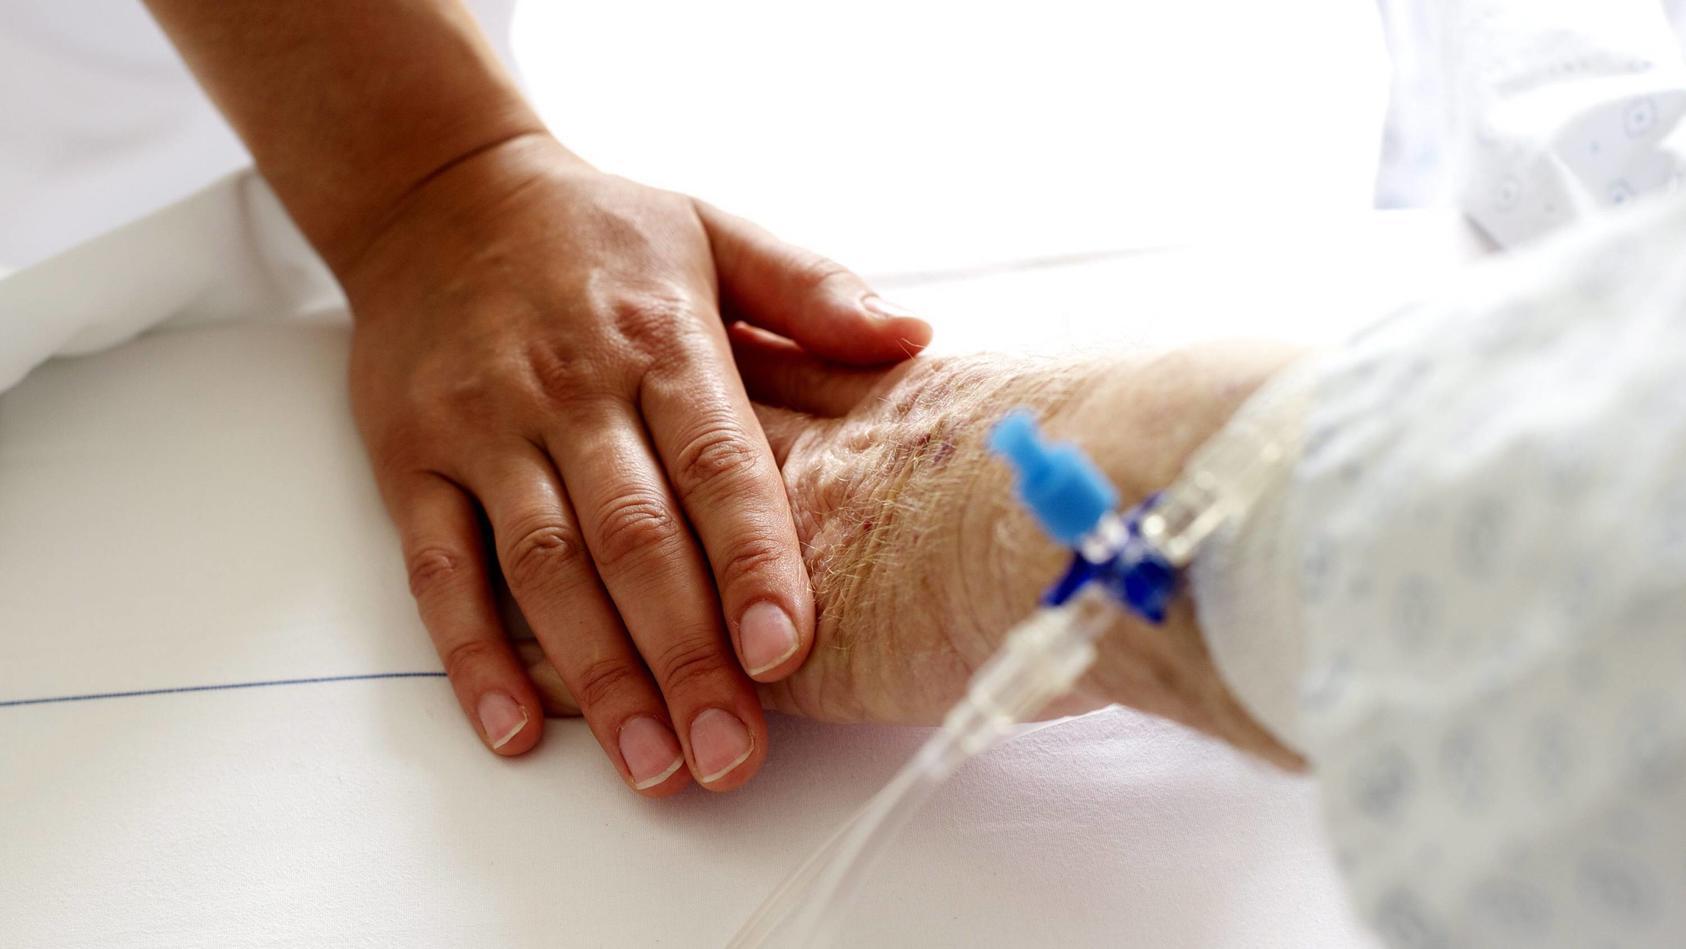 Der Deutsche Ärztetag hat das strikte Verbot der Suizidhilfe aus der Berufsordnung für Mediziner gestrichen.